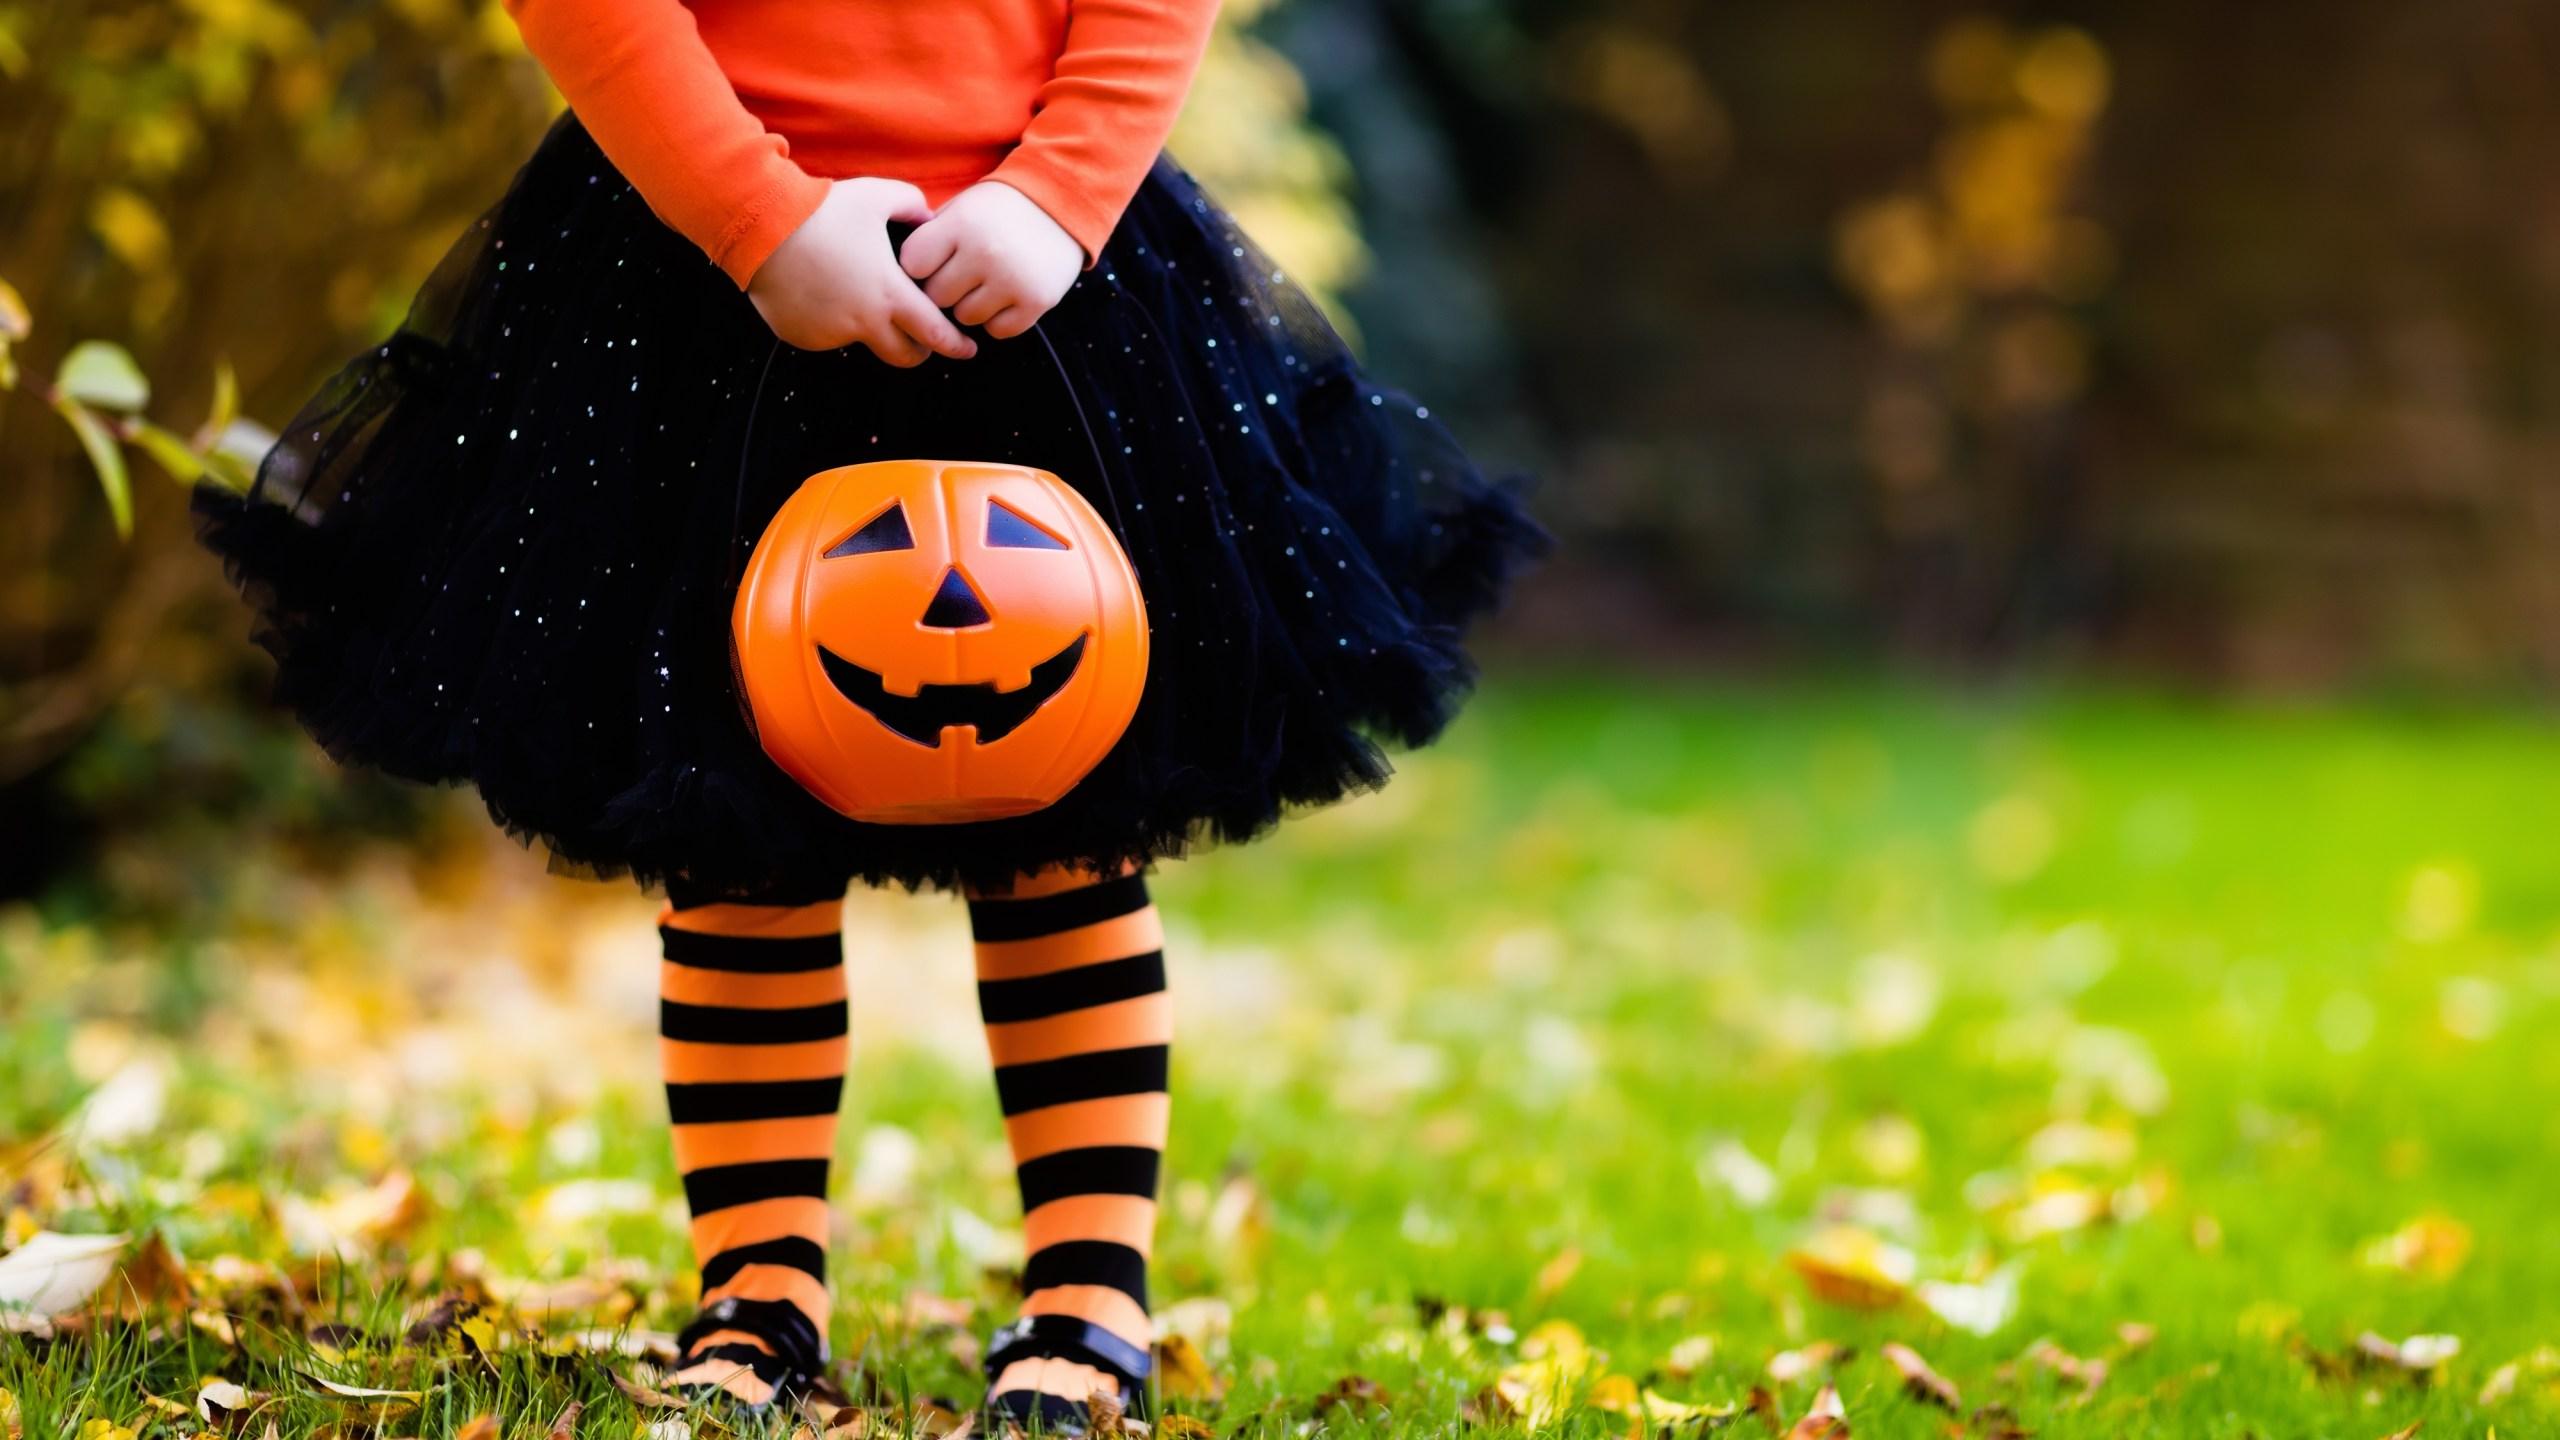 Little girl having fun on Halloween